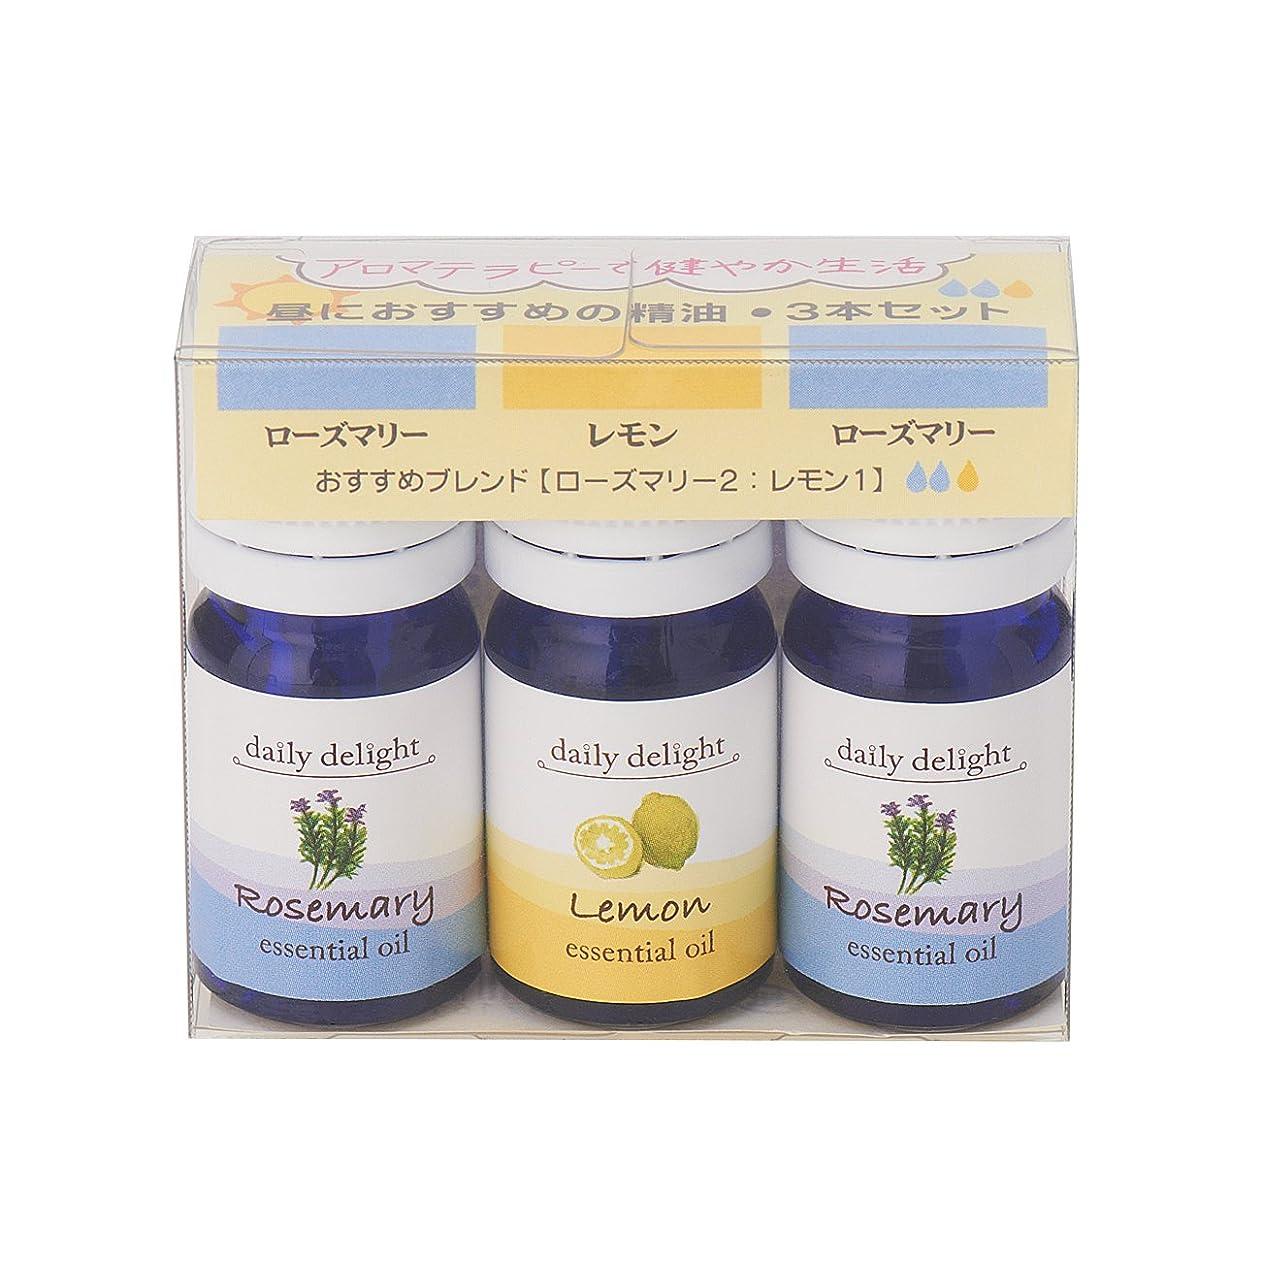 慰め損なう高原デイリーディライト エッセンシャルオイル 昼におすすめの精油3本セット 3ml×3本(ローズマリー レモン)